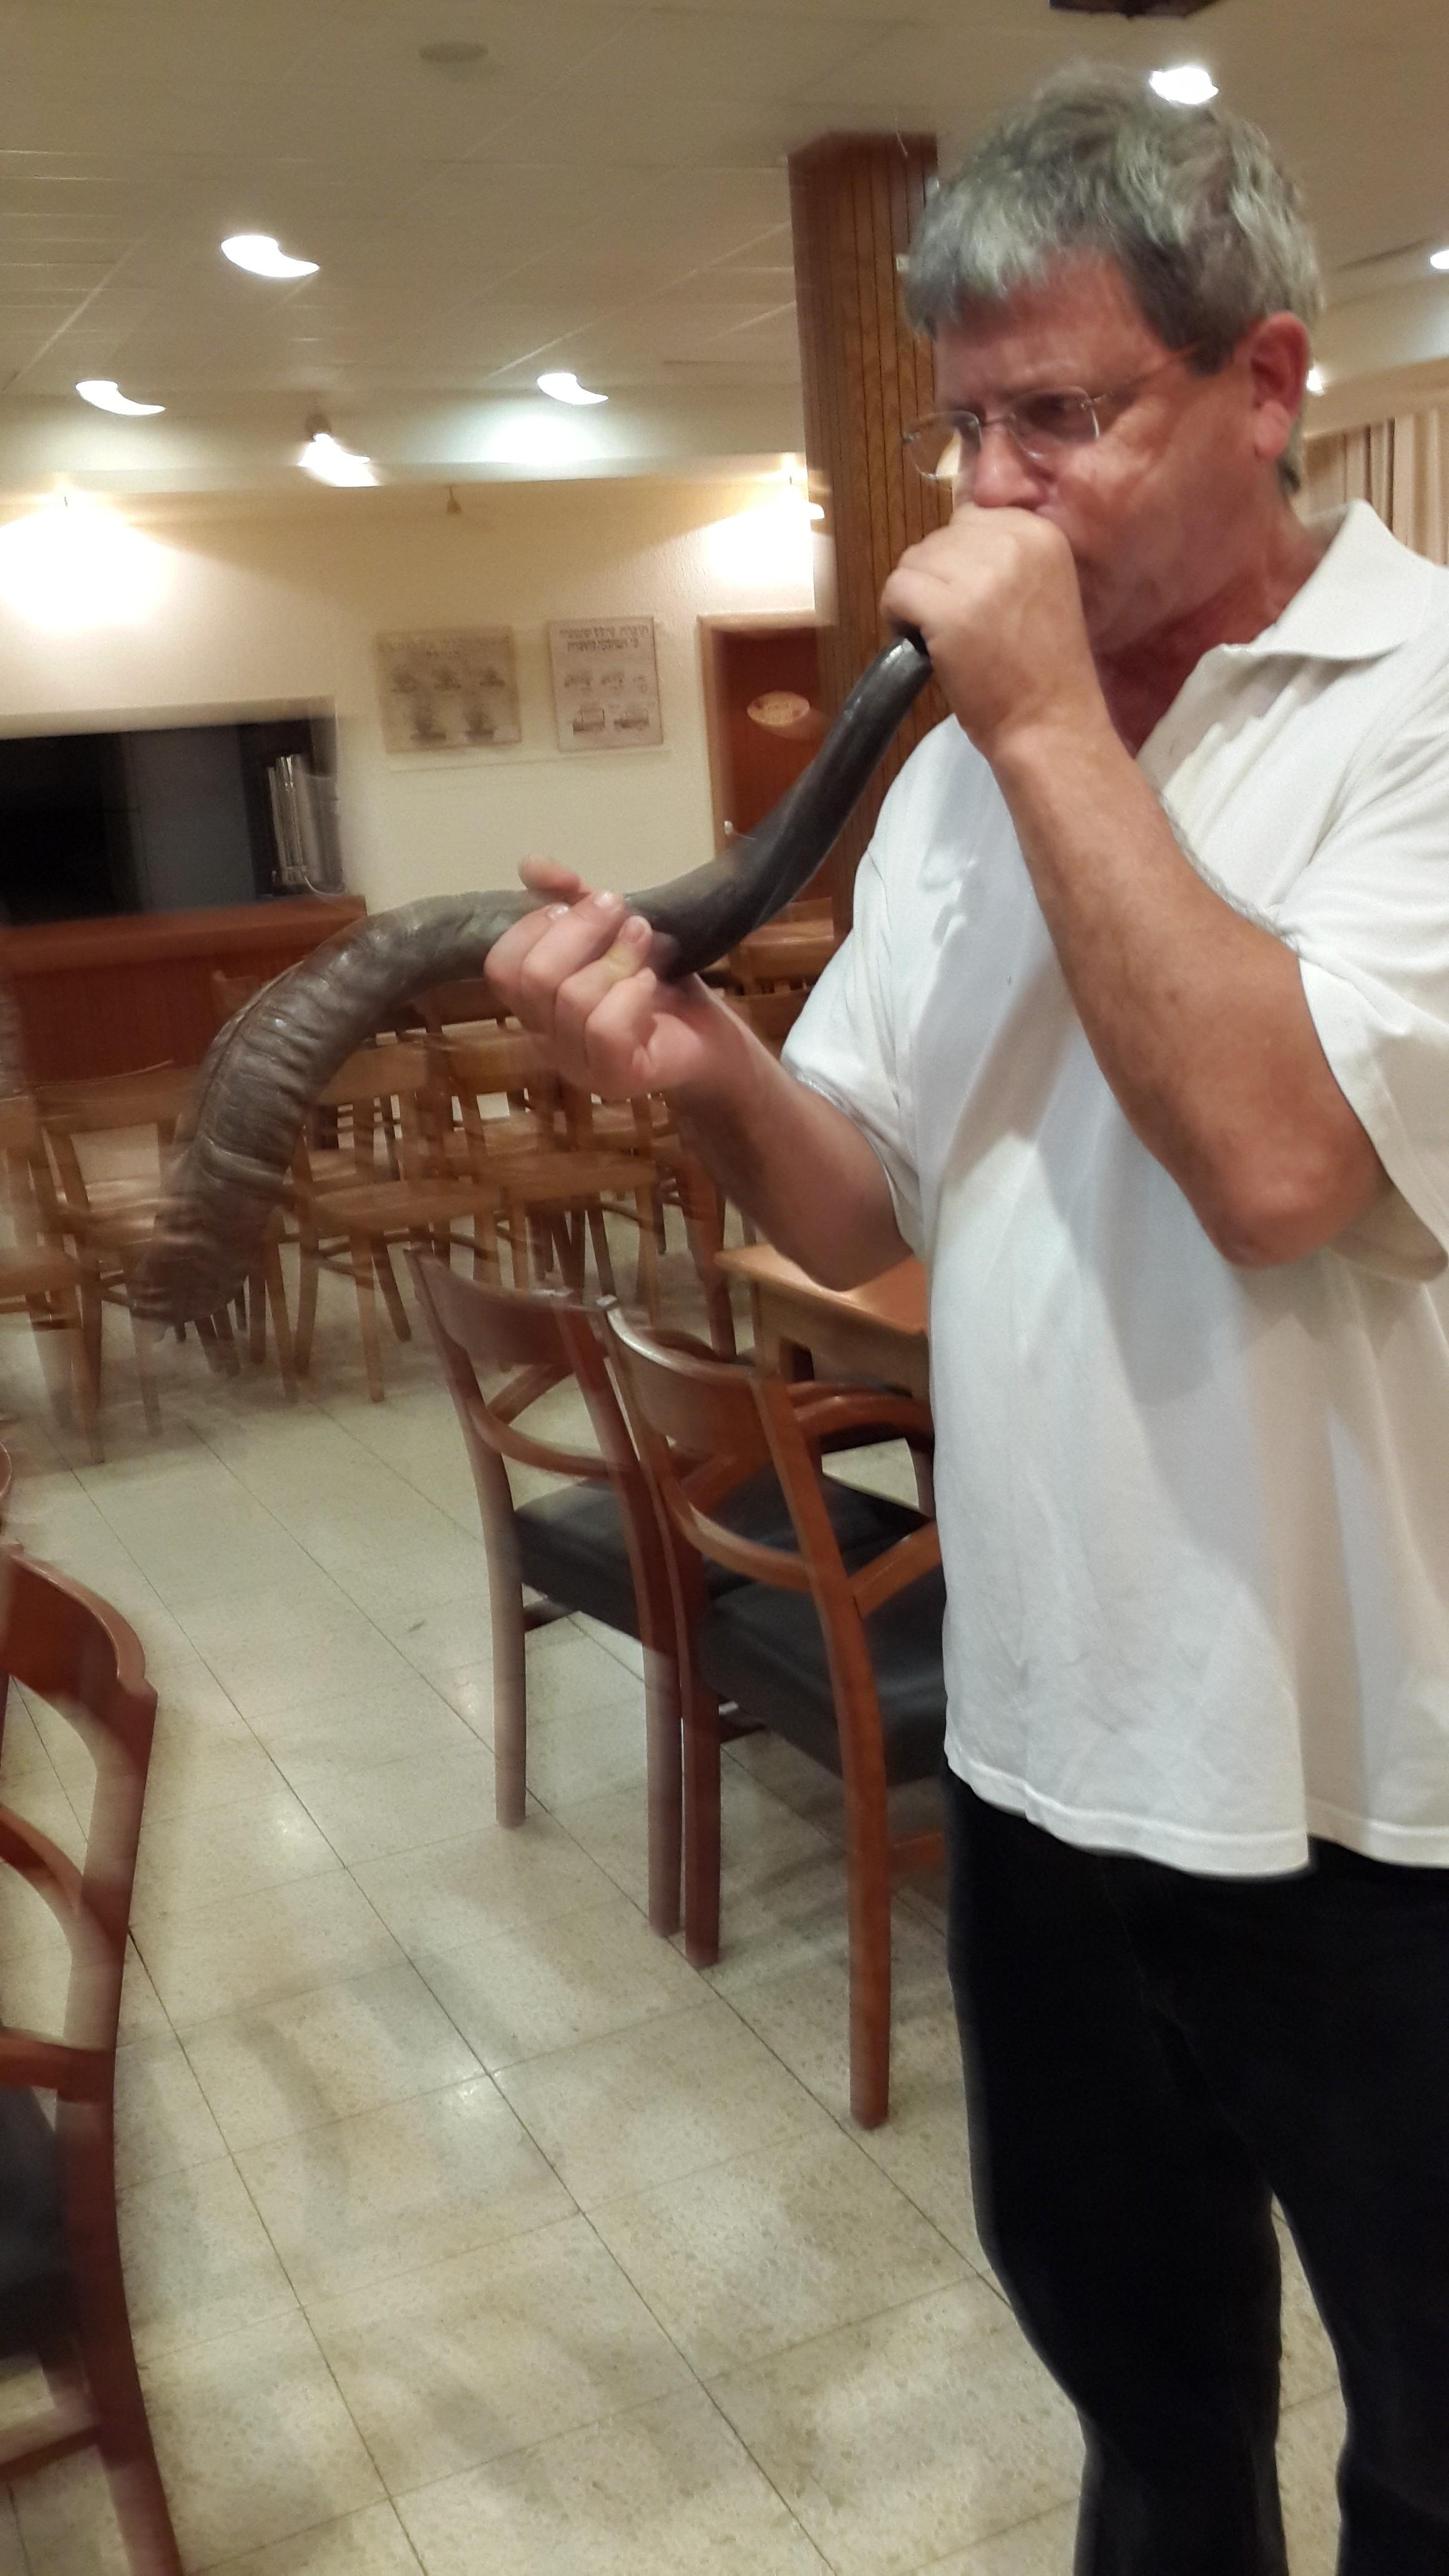 Shofar - Music of a Ram's Horn